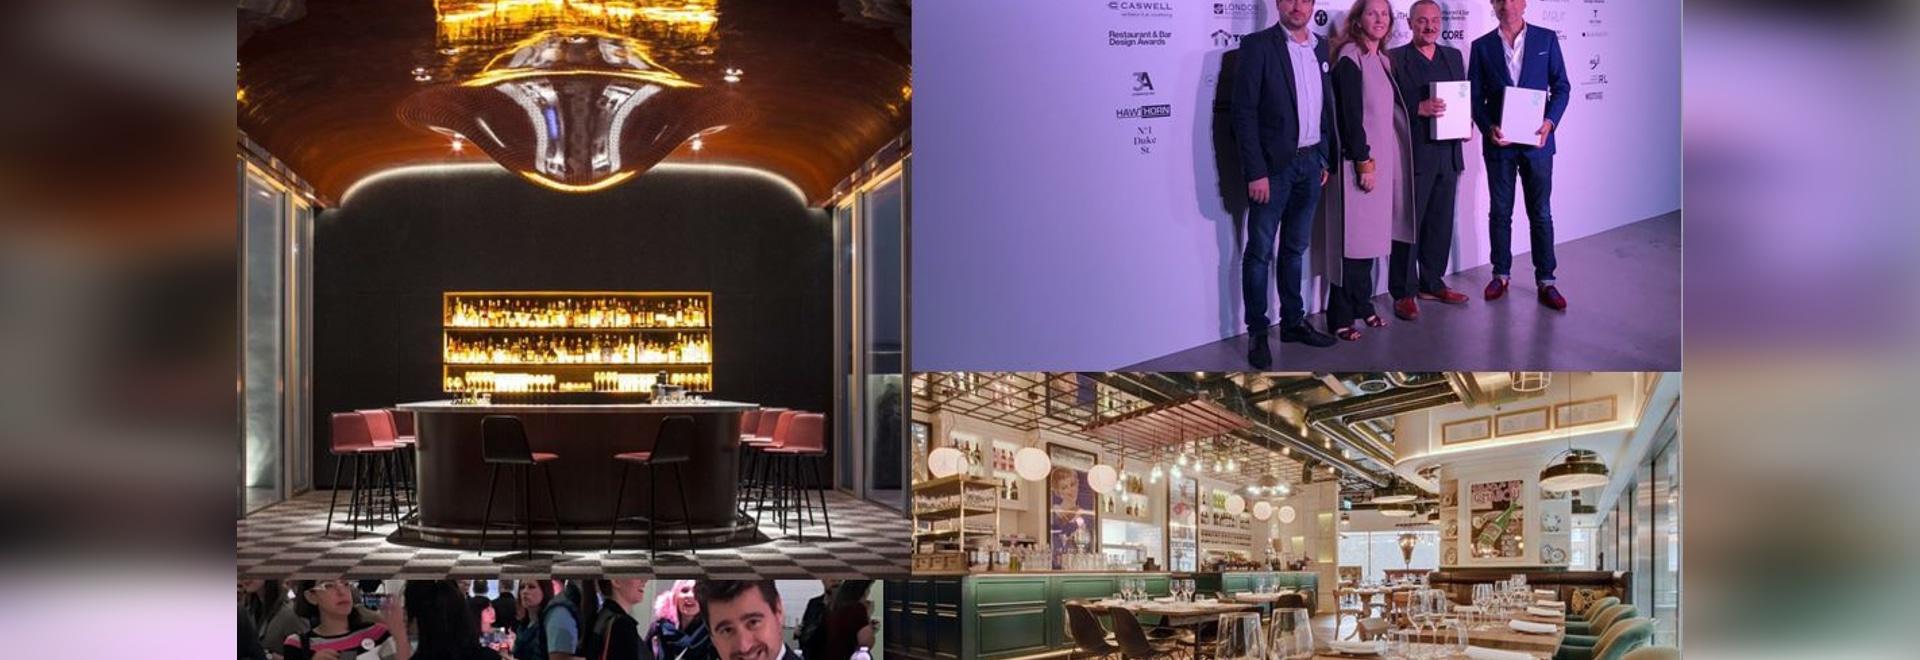 Premios del diseño del restaurante y de la barra